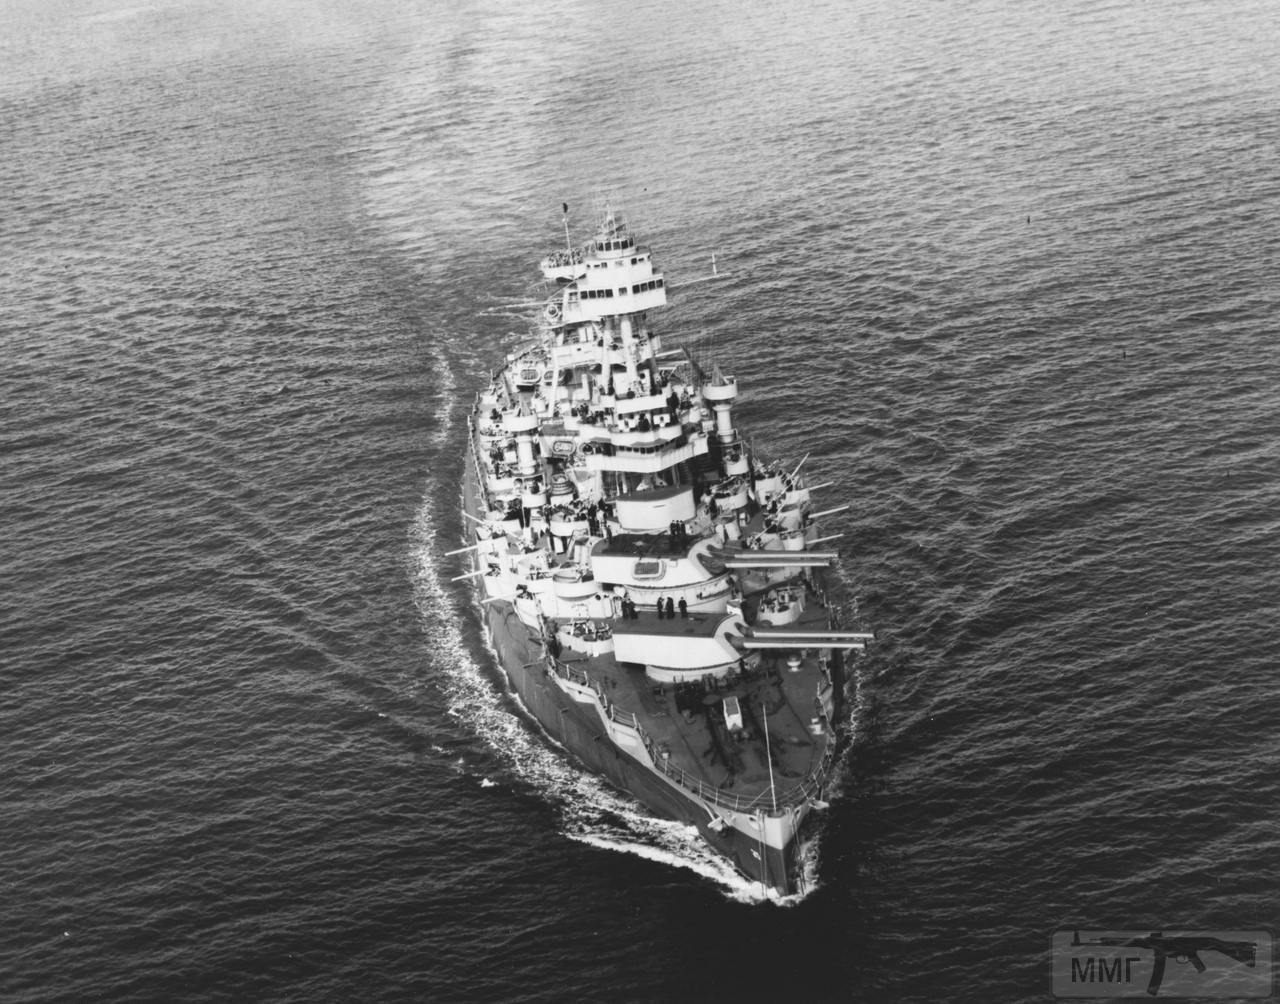 62494 - USS Texas (BB-35)